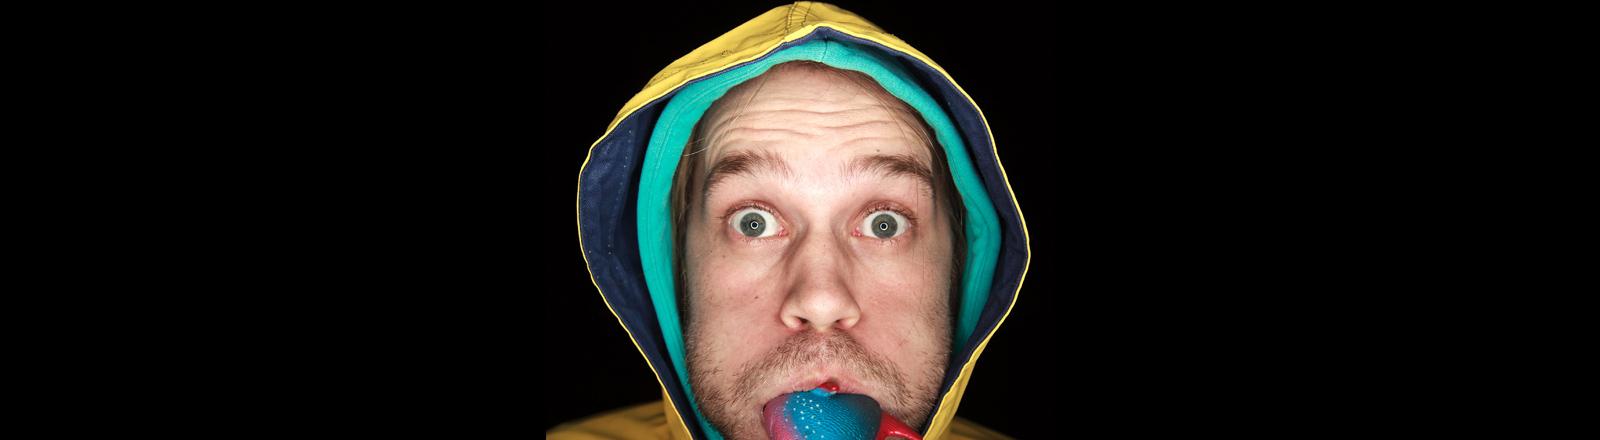 Ein Mann reißt die Augen auf und hat einen Plastikfisch im Mund stecken.